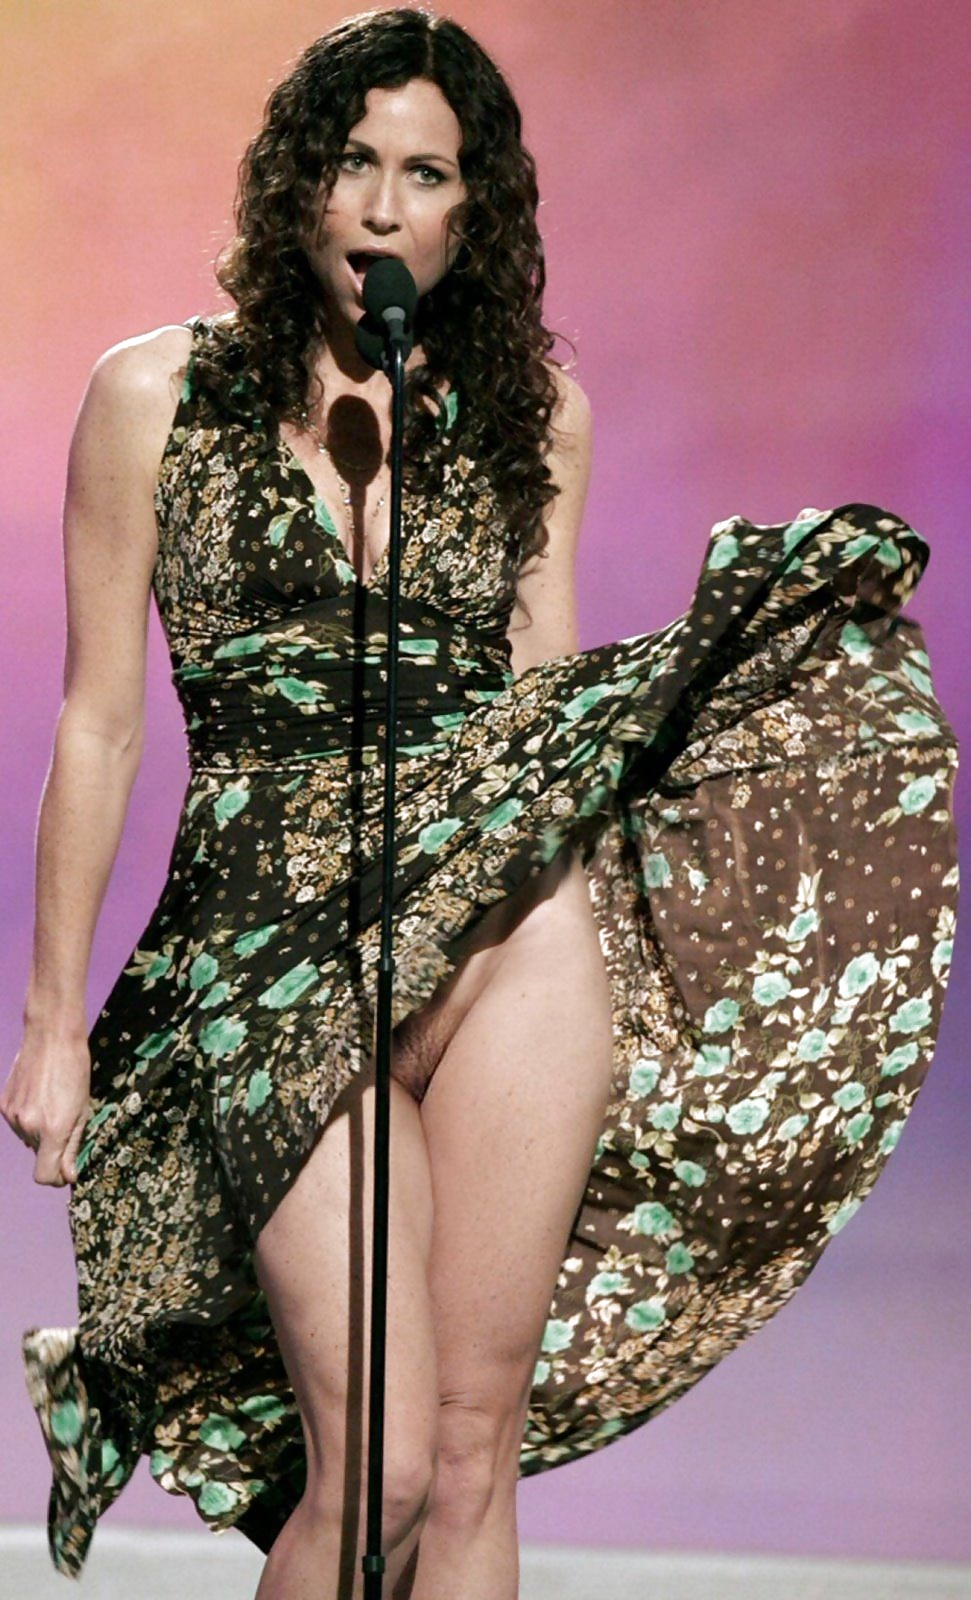 Трусы певиц актрис звезд фото крупным планом, миа малкова кто это